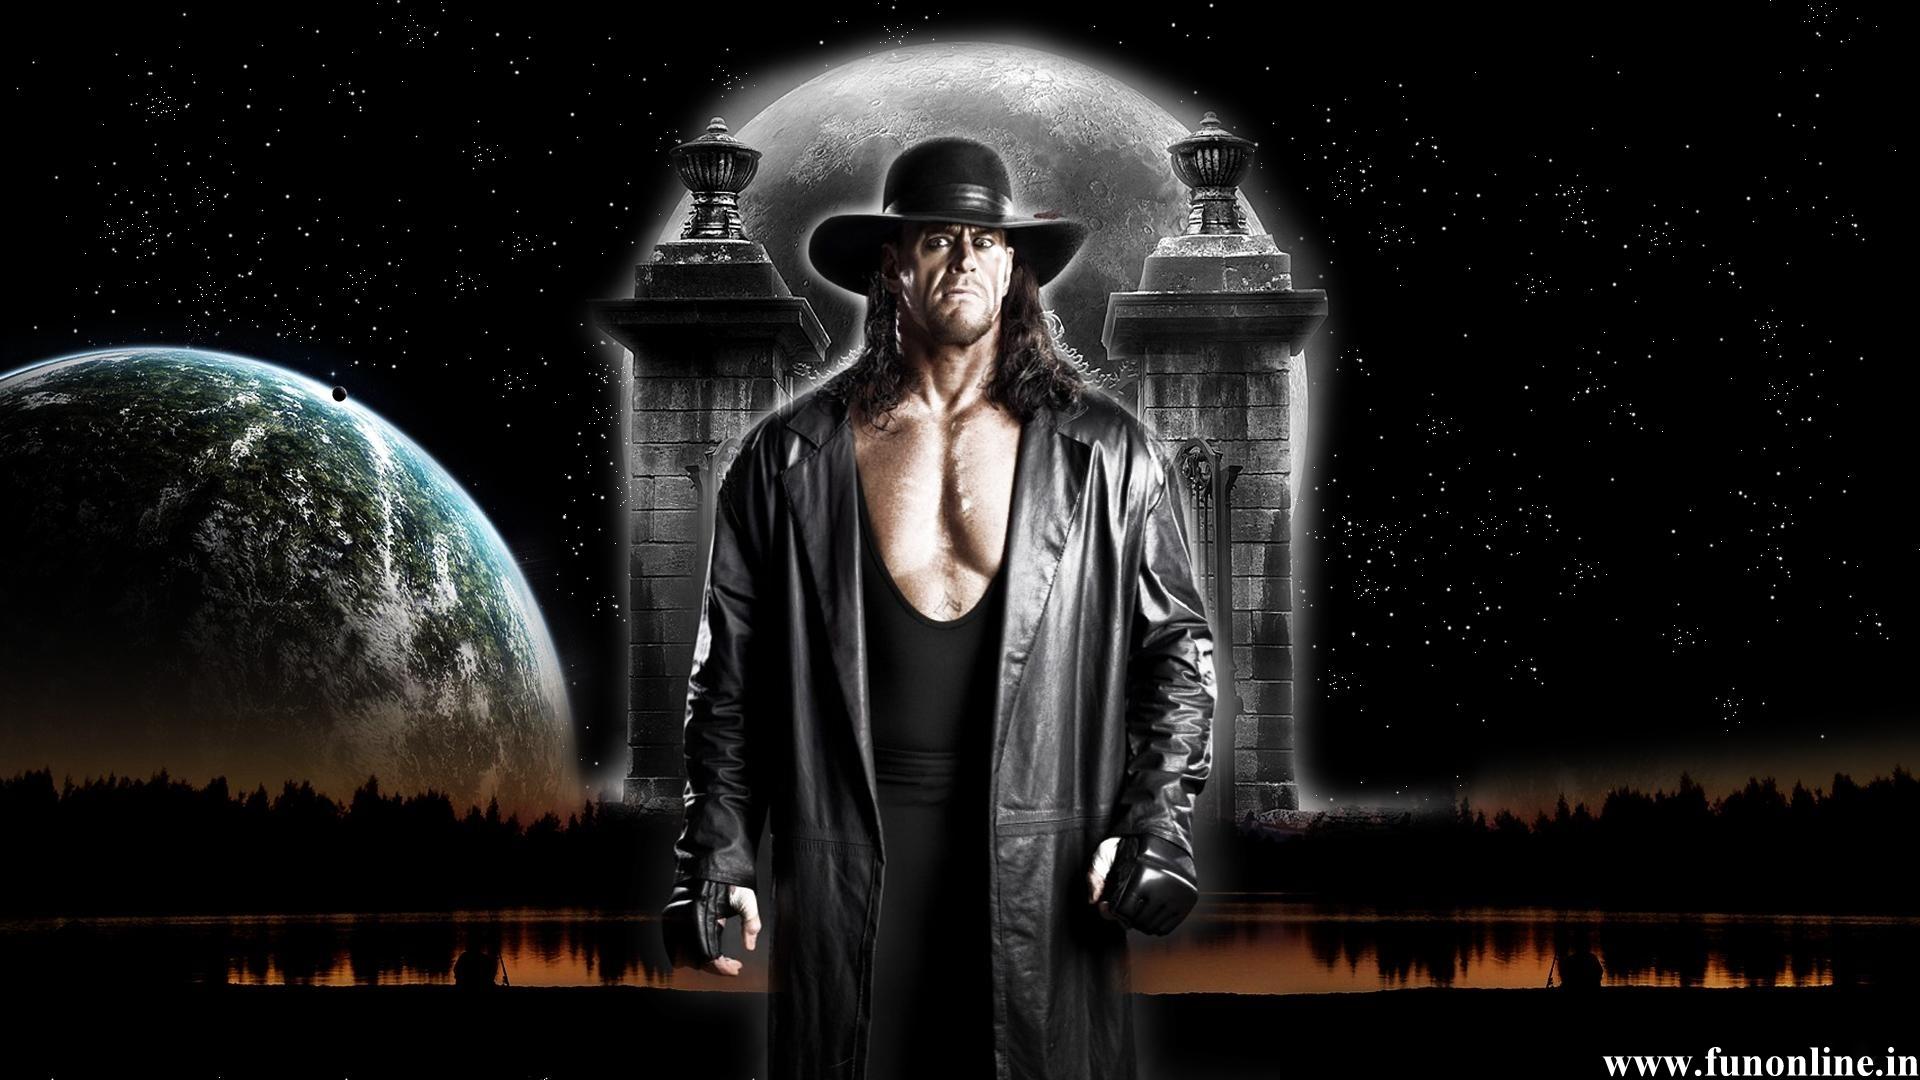 Wwe Legendary Superstar The Undertaker